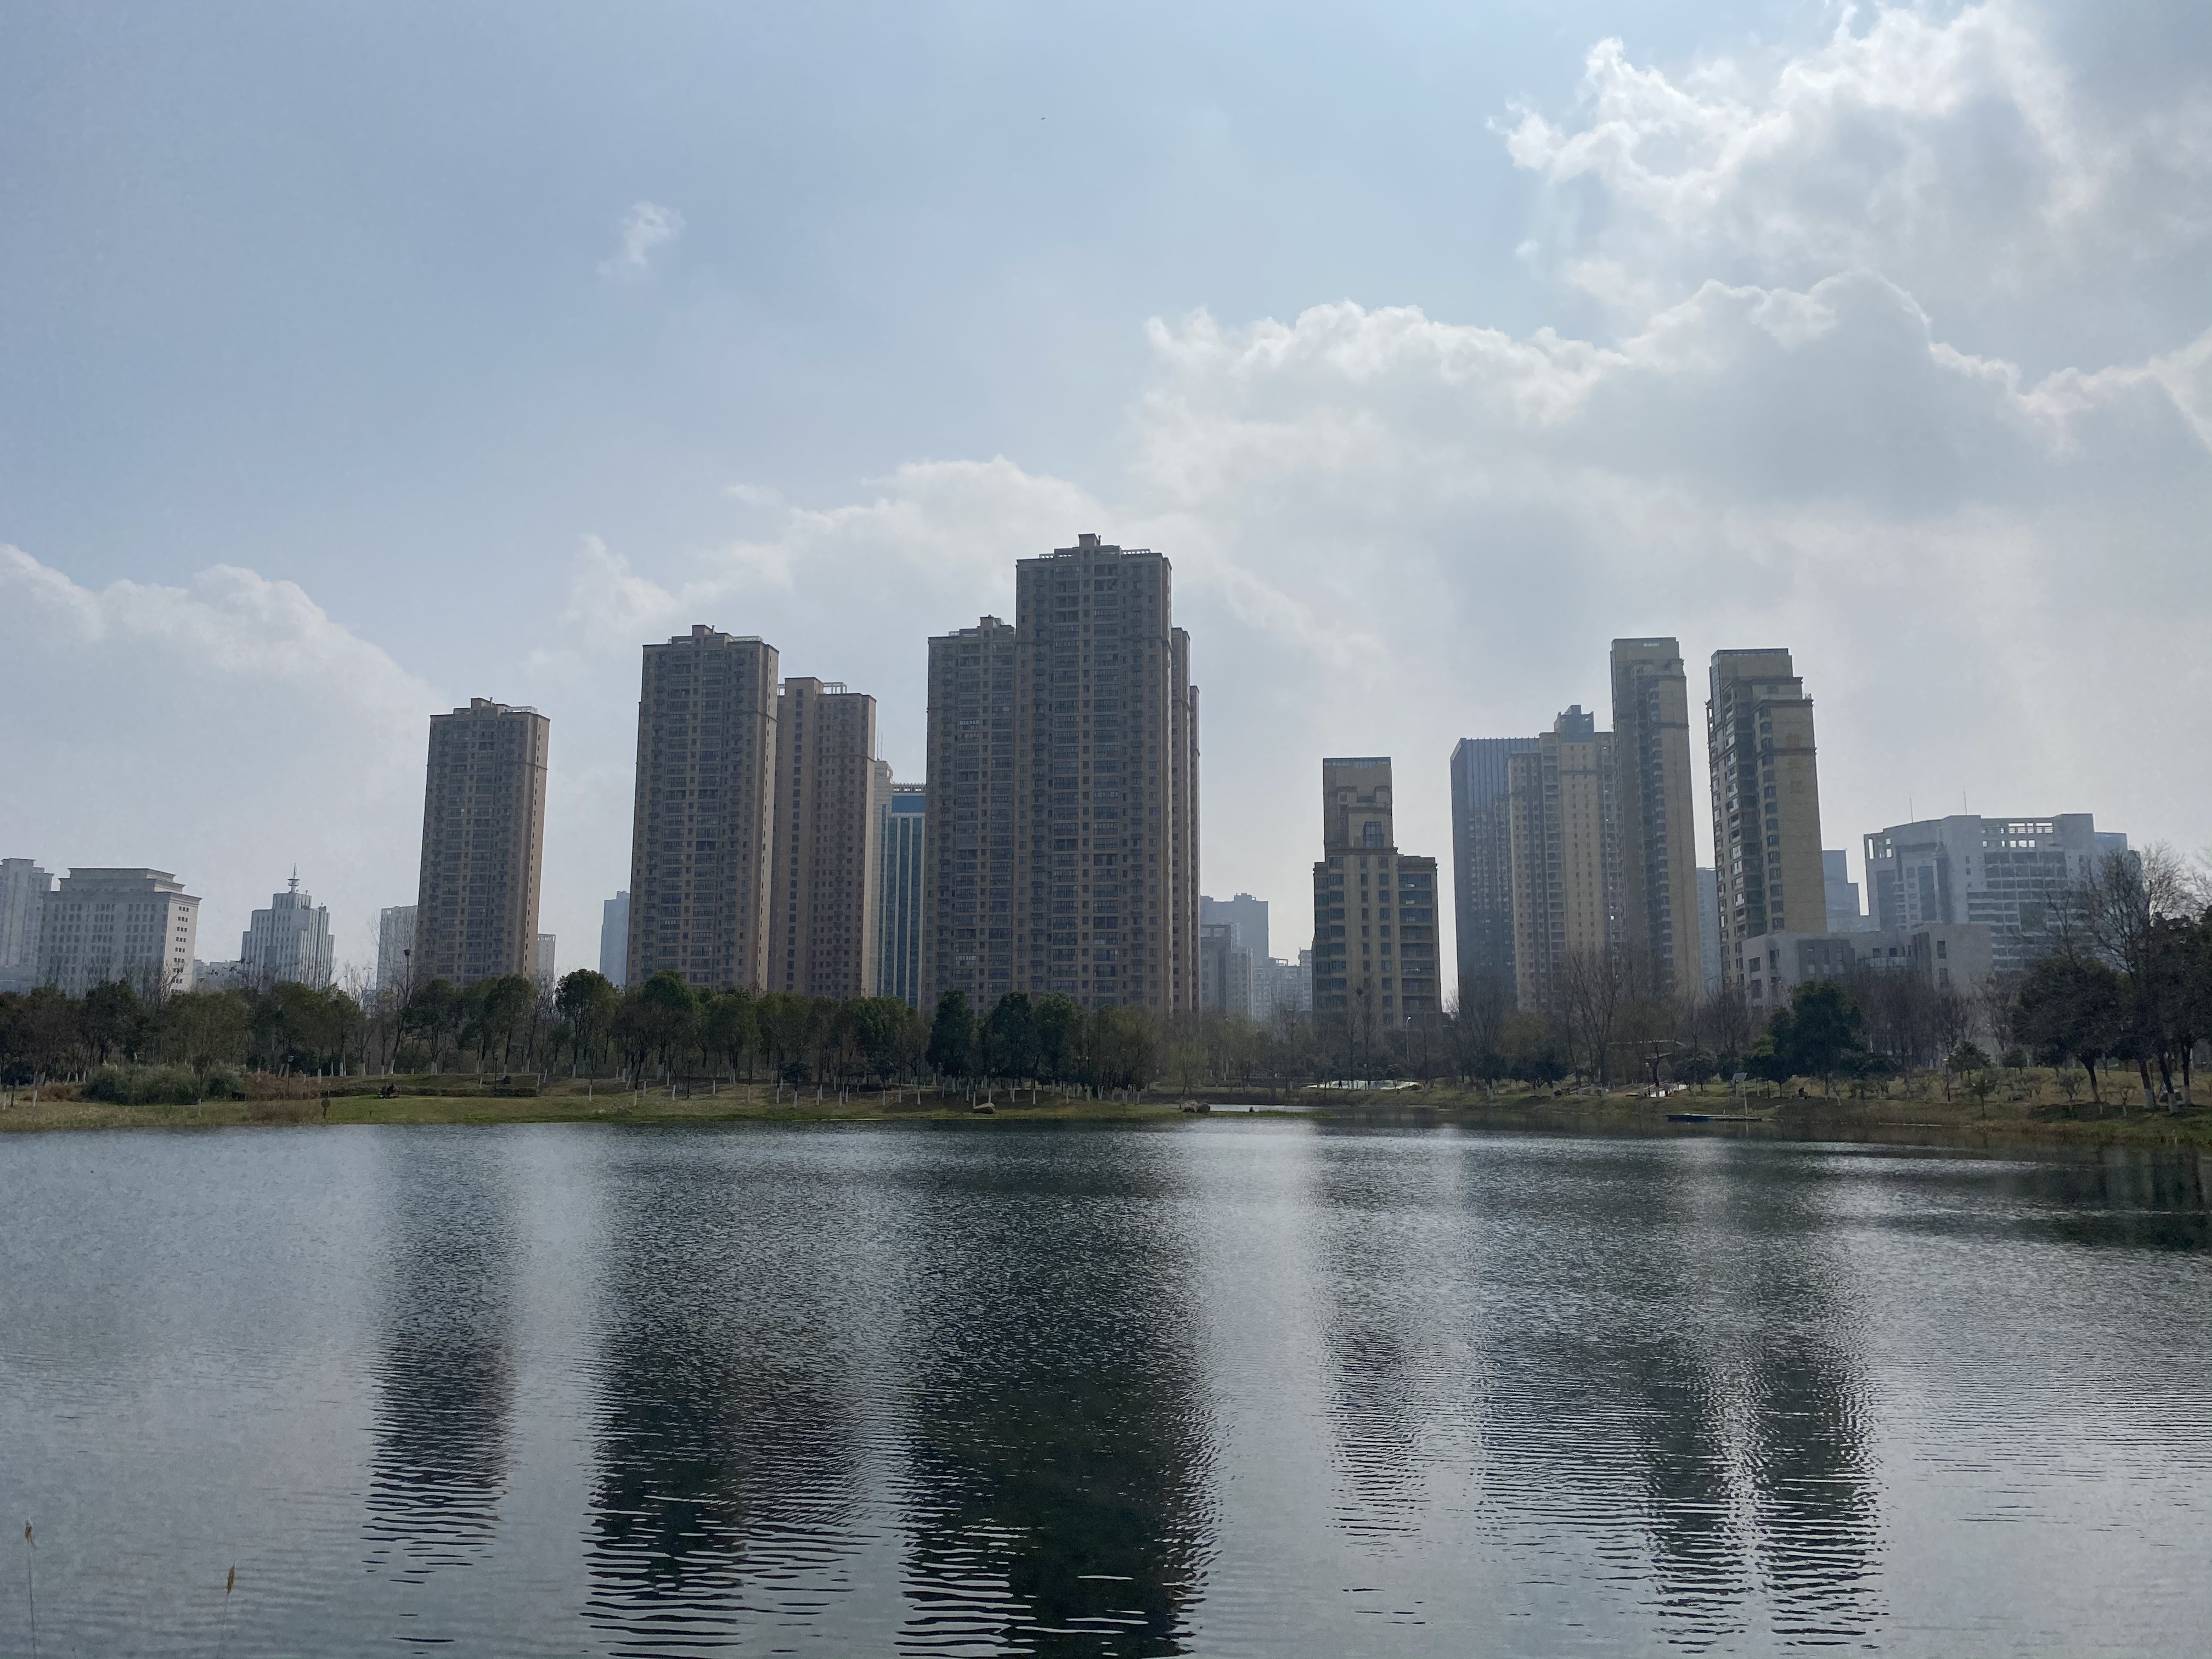 武汉新房去化速度加快。|2021-3-26武汉楼市早报 